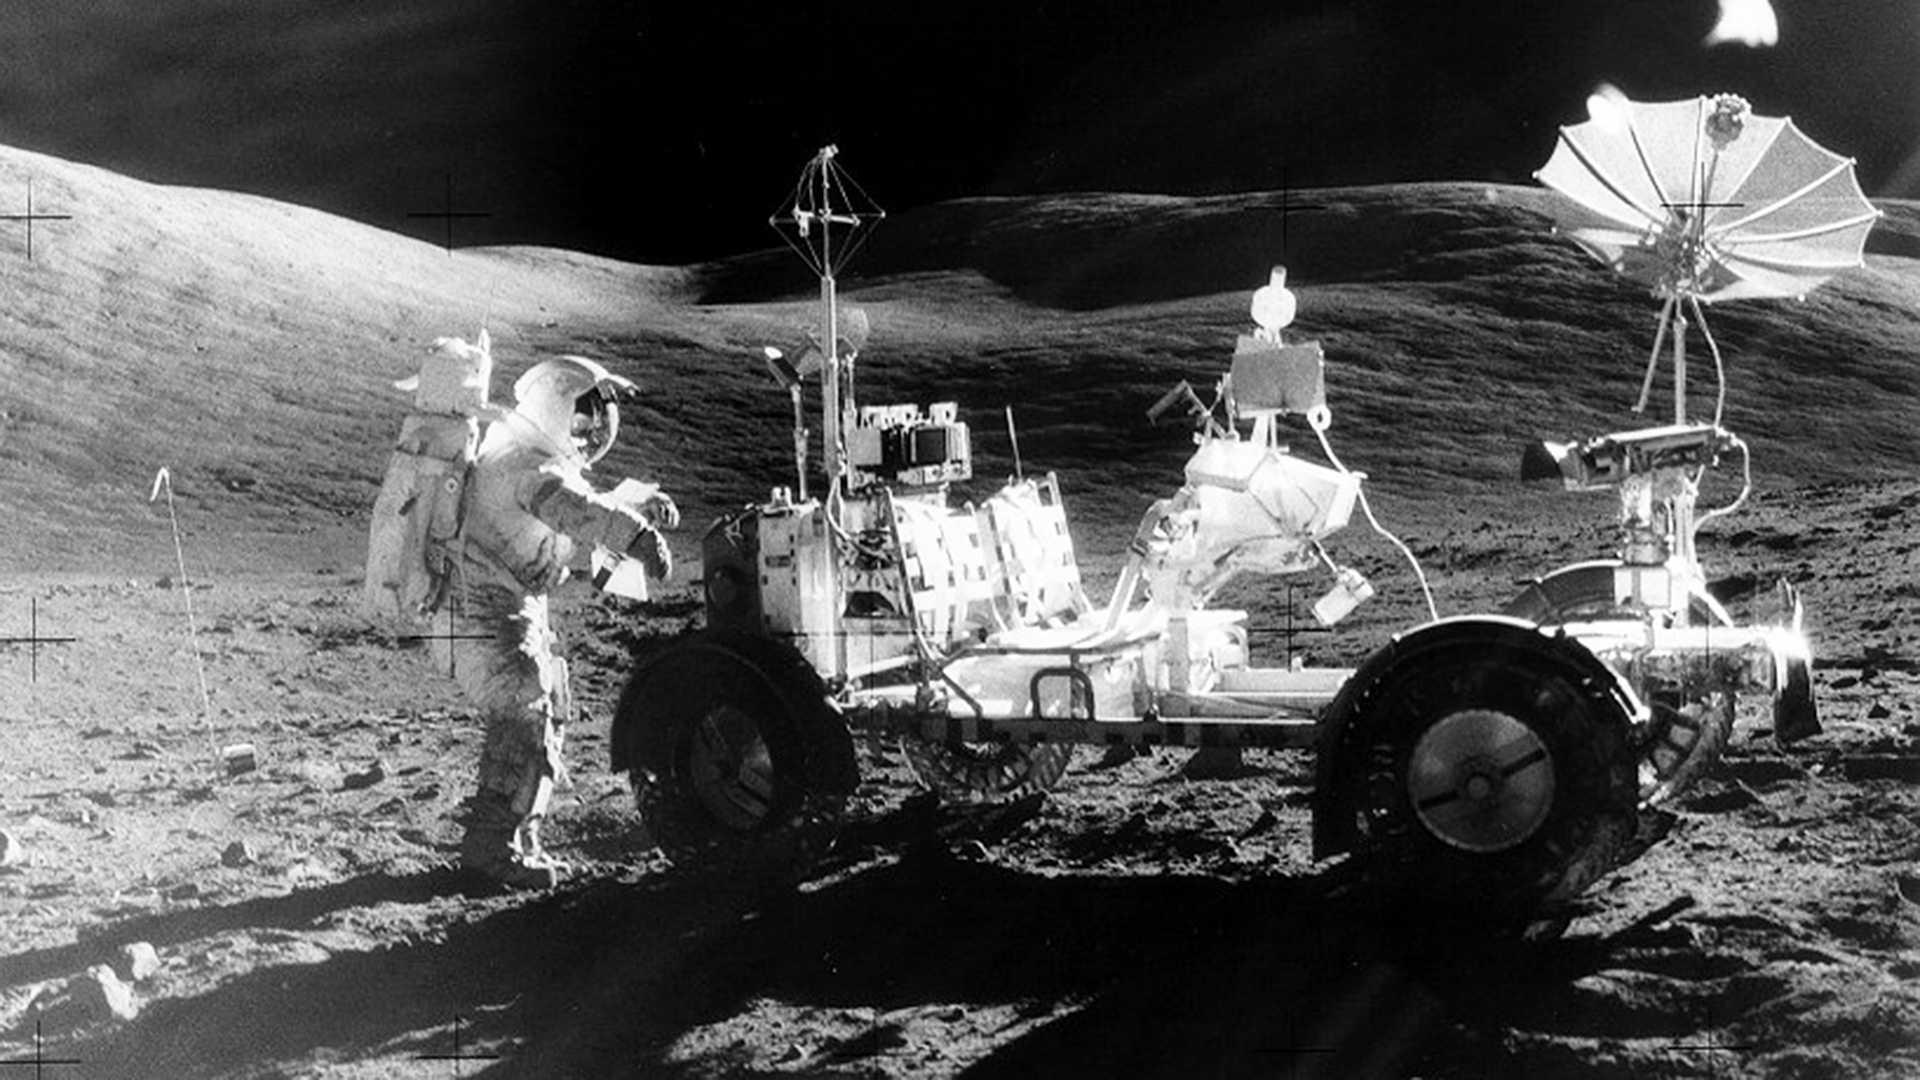 фото лунохода на луне абсолютно нормально относится